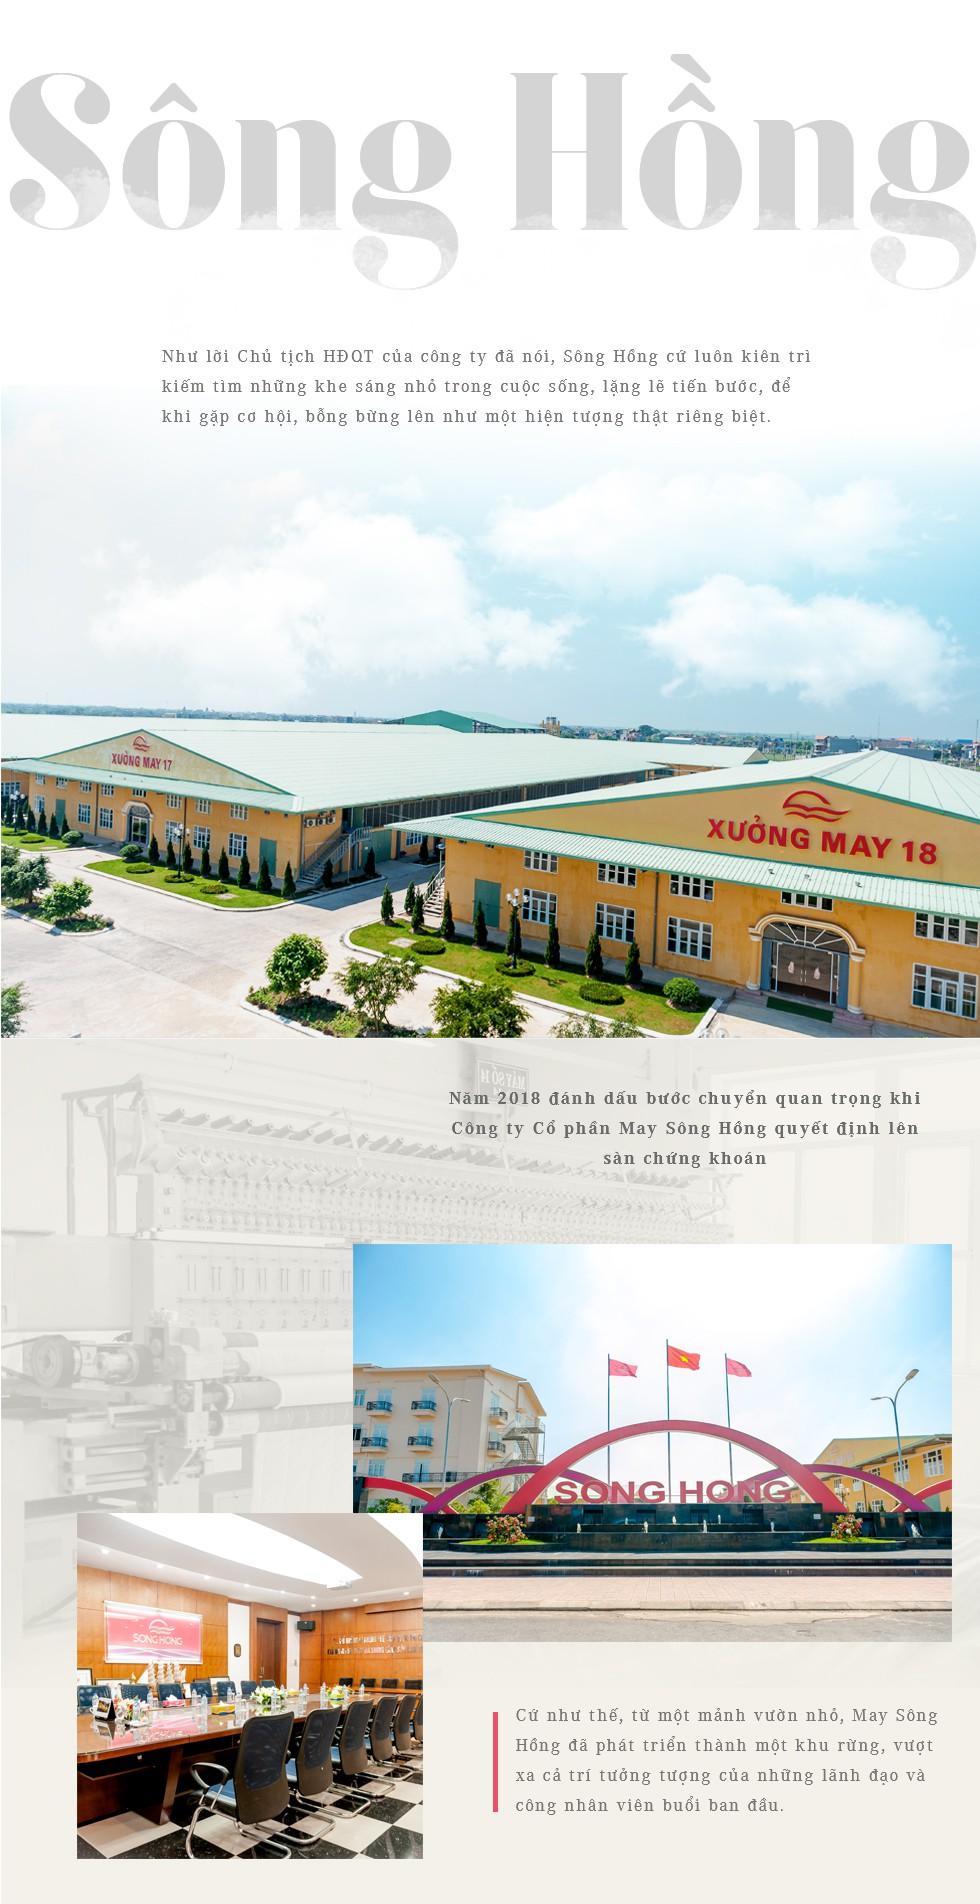 Nhìn lại hành trình 30 năm trên con đường vạn dặm của công ty may Sông Hồng - Ảnh 12.